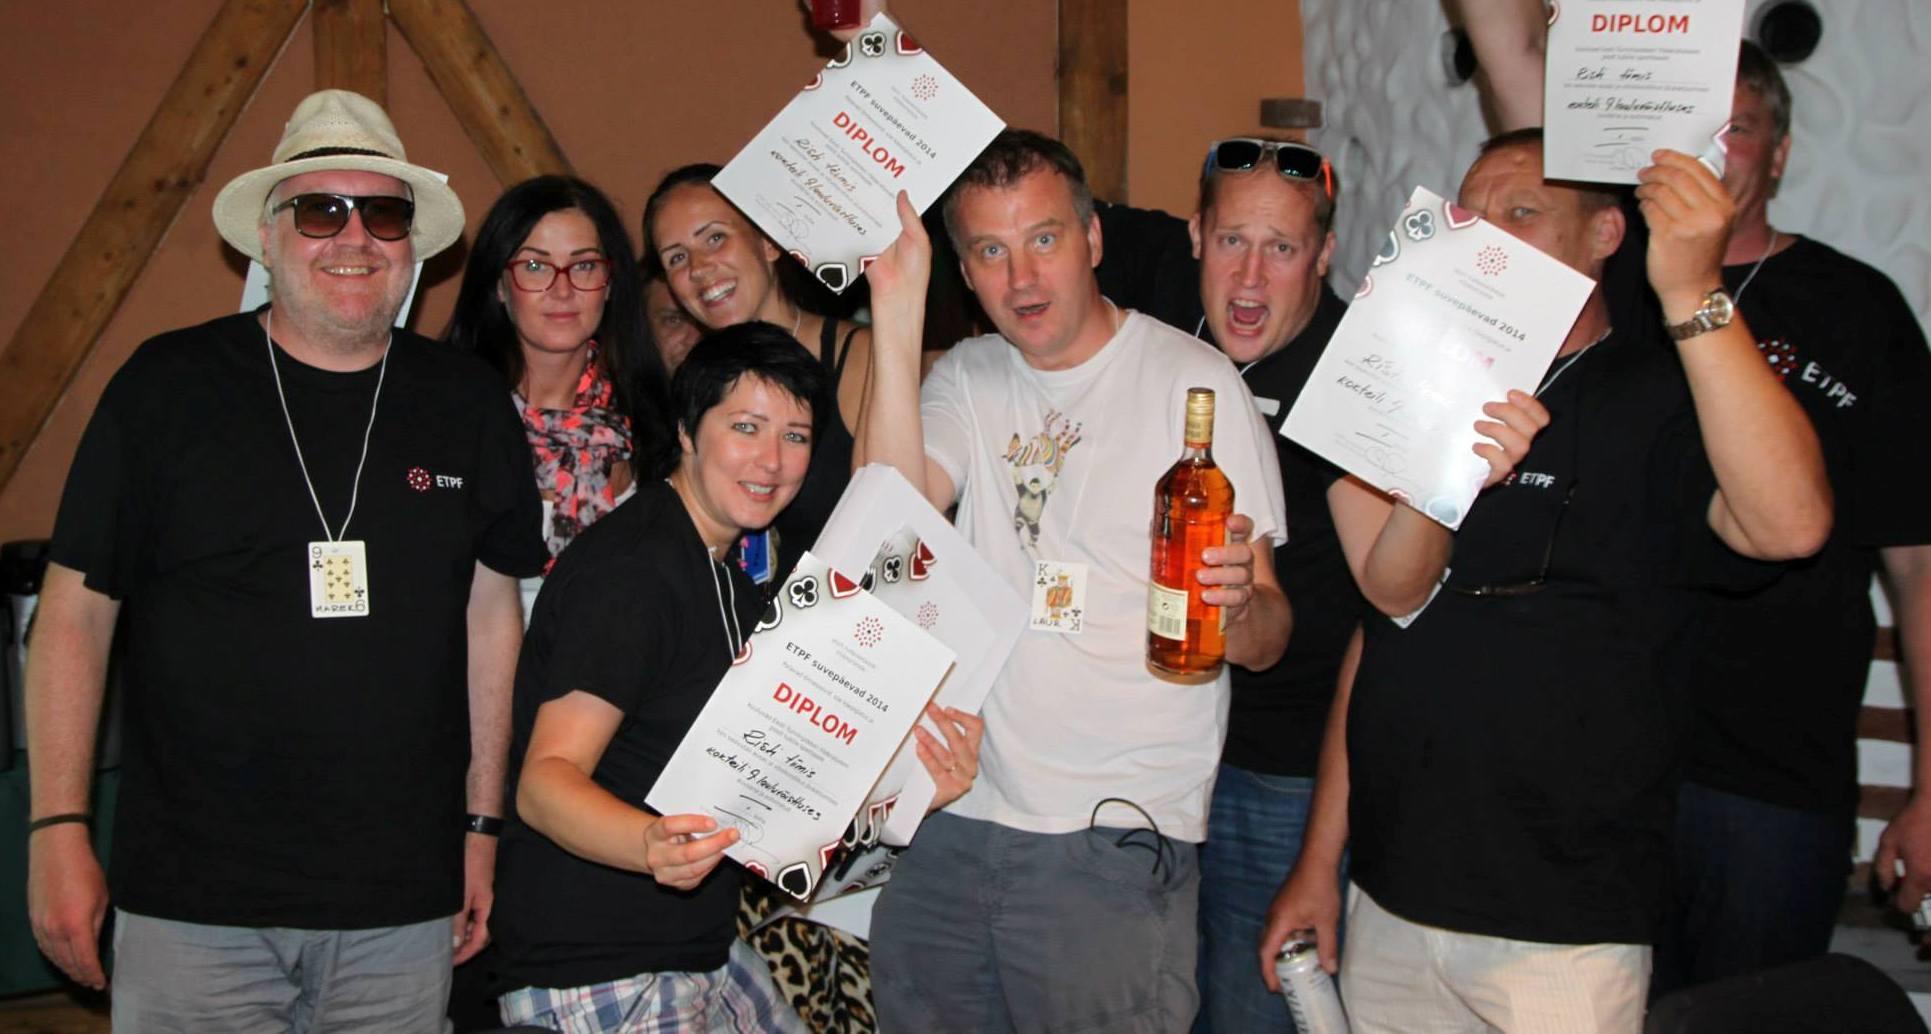 ETPF-i suvepäevade pokkeriturniiri võitis föderatsiooni president Marek Reinaas 103